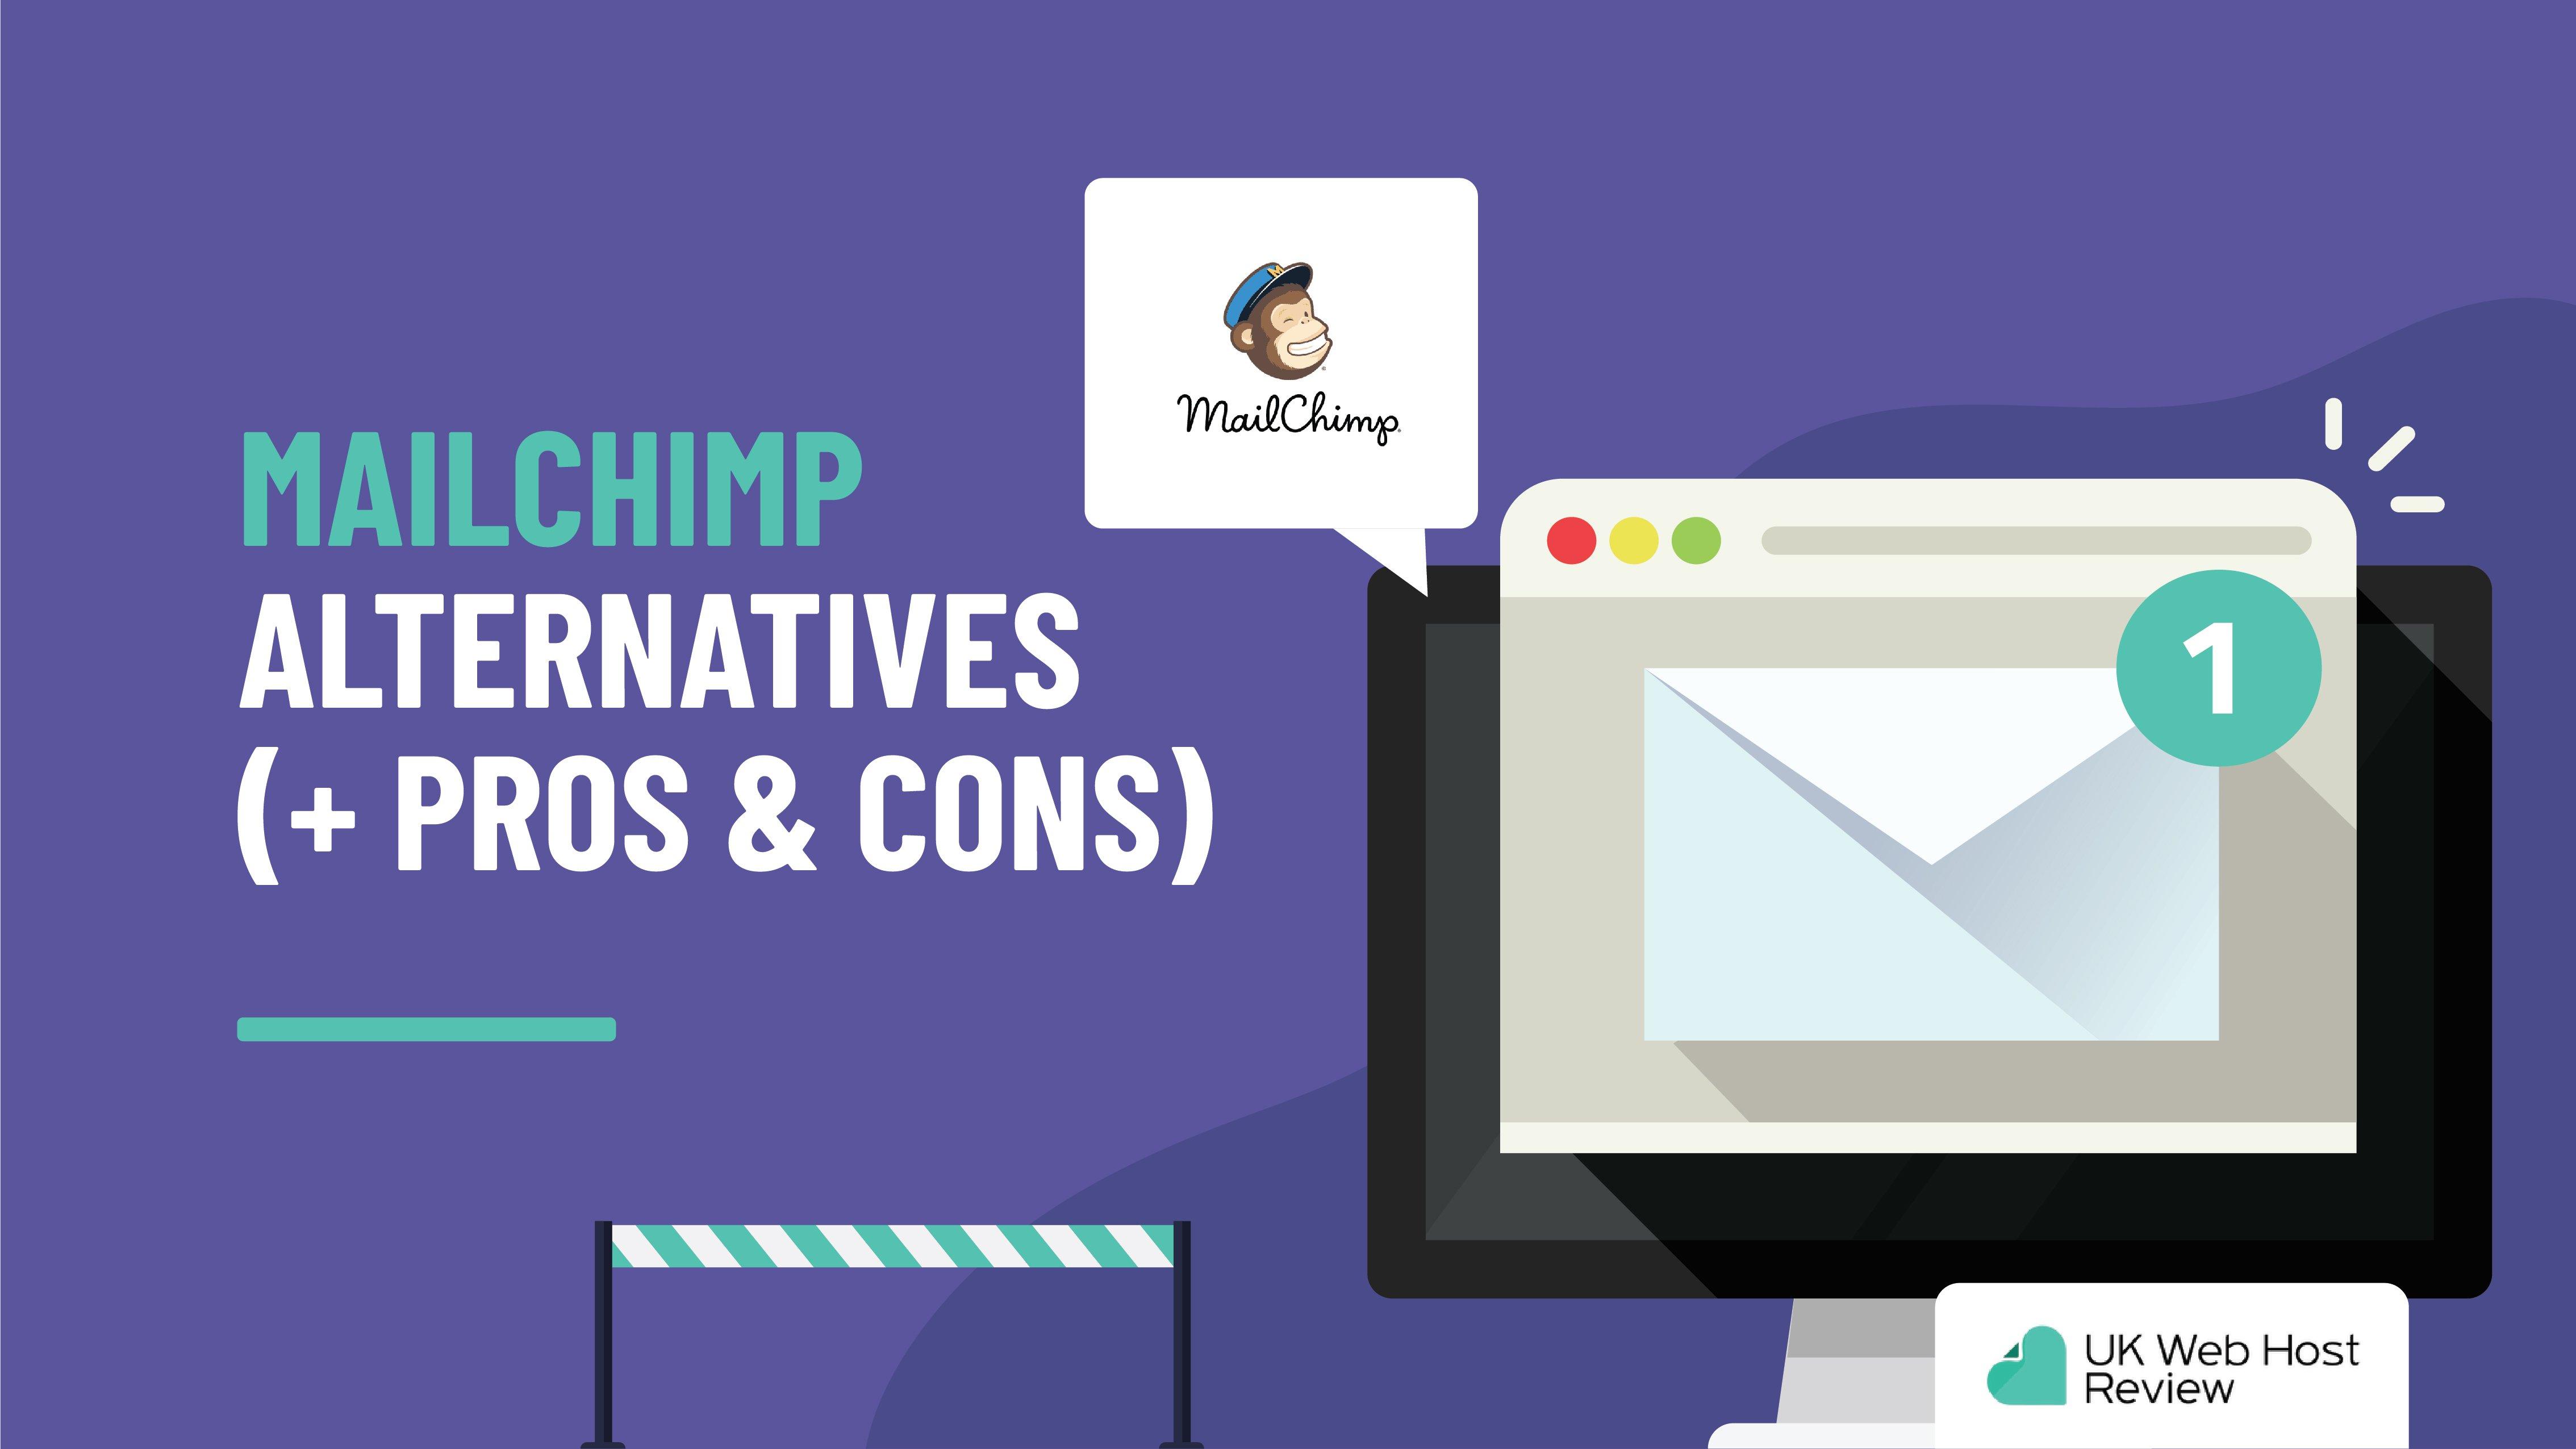 MailChimp Alternatives (+ Pros & Cons)